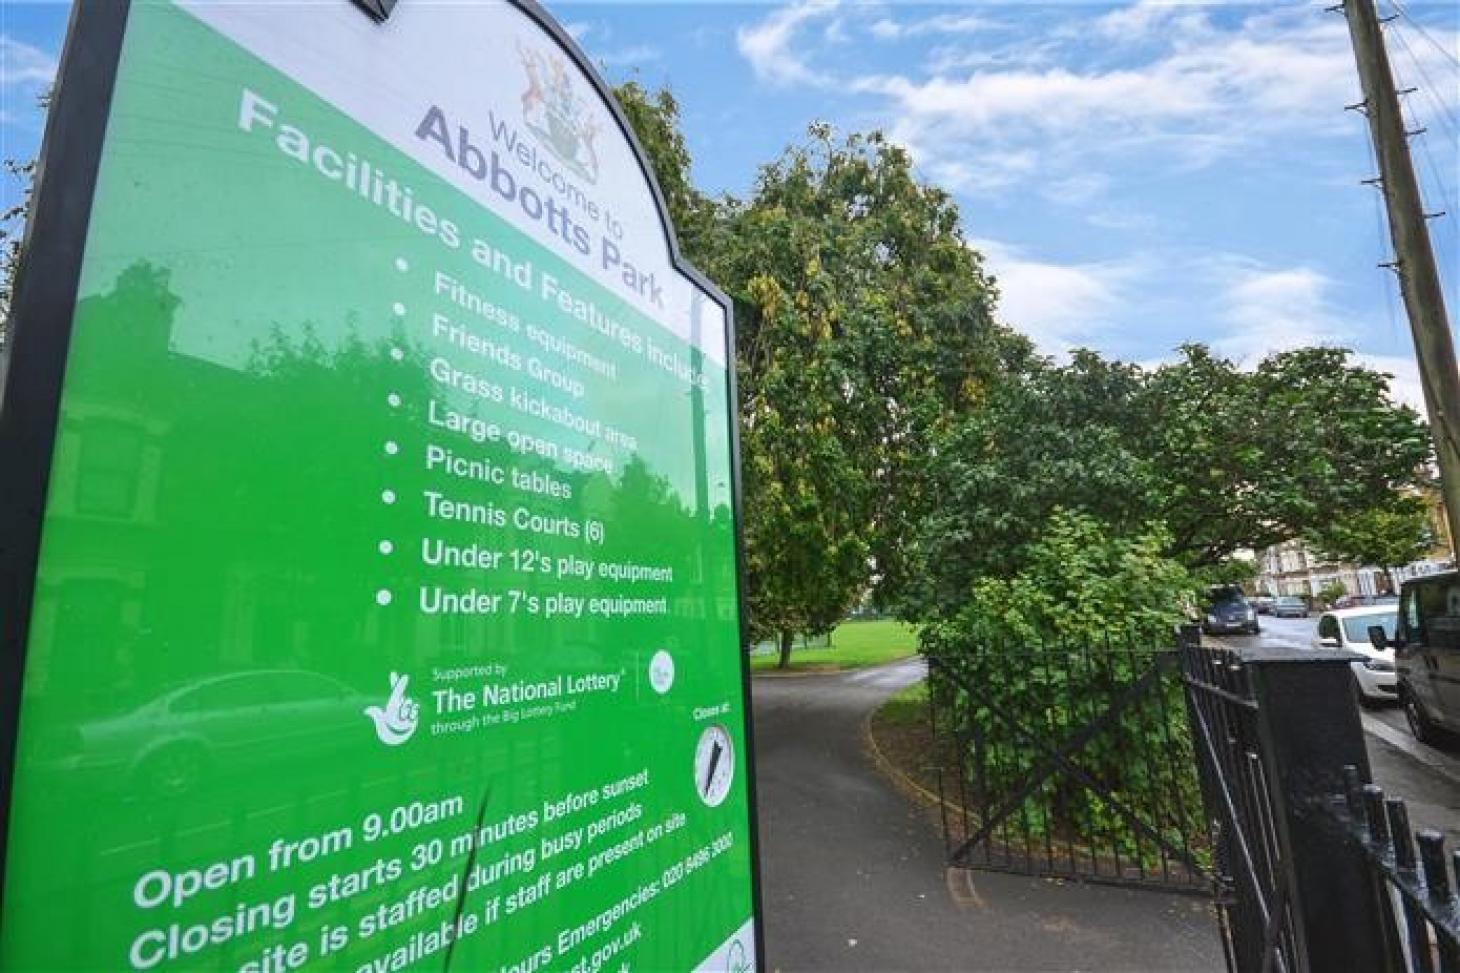 Abbotts Park Recreation Ground Outdoor   Hard (macadam) tennis court